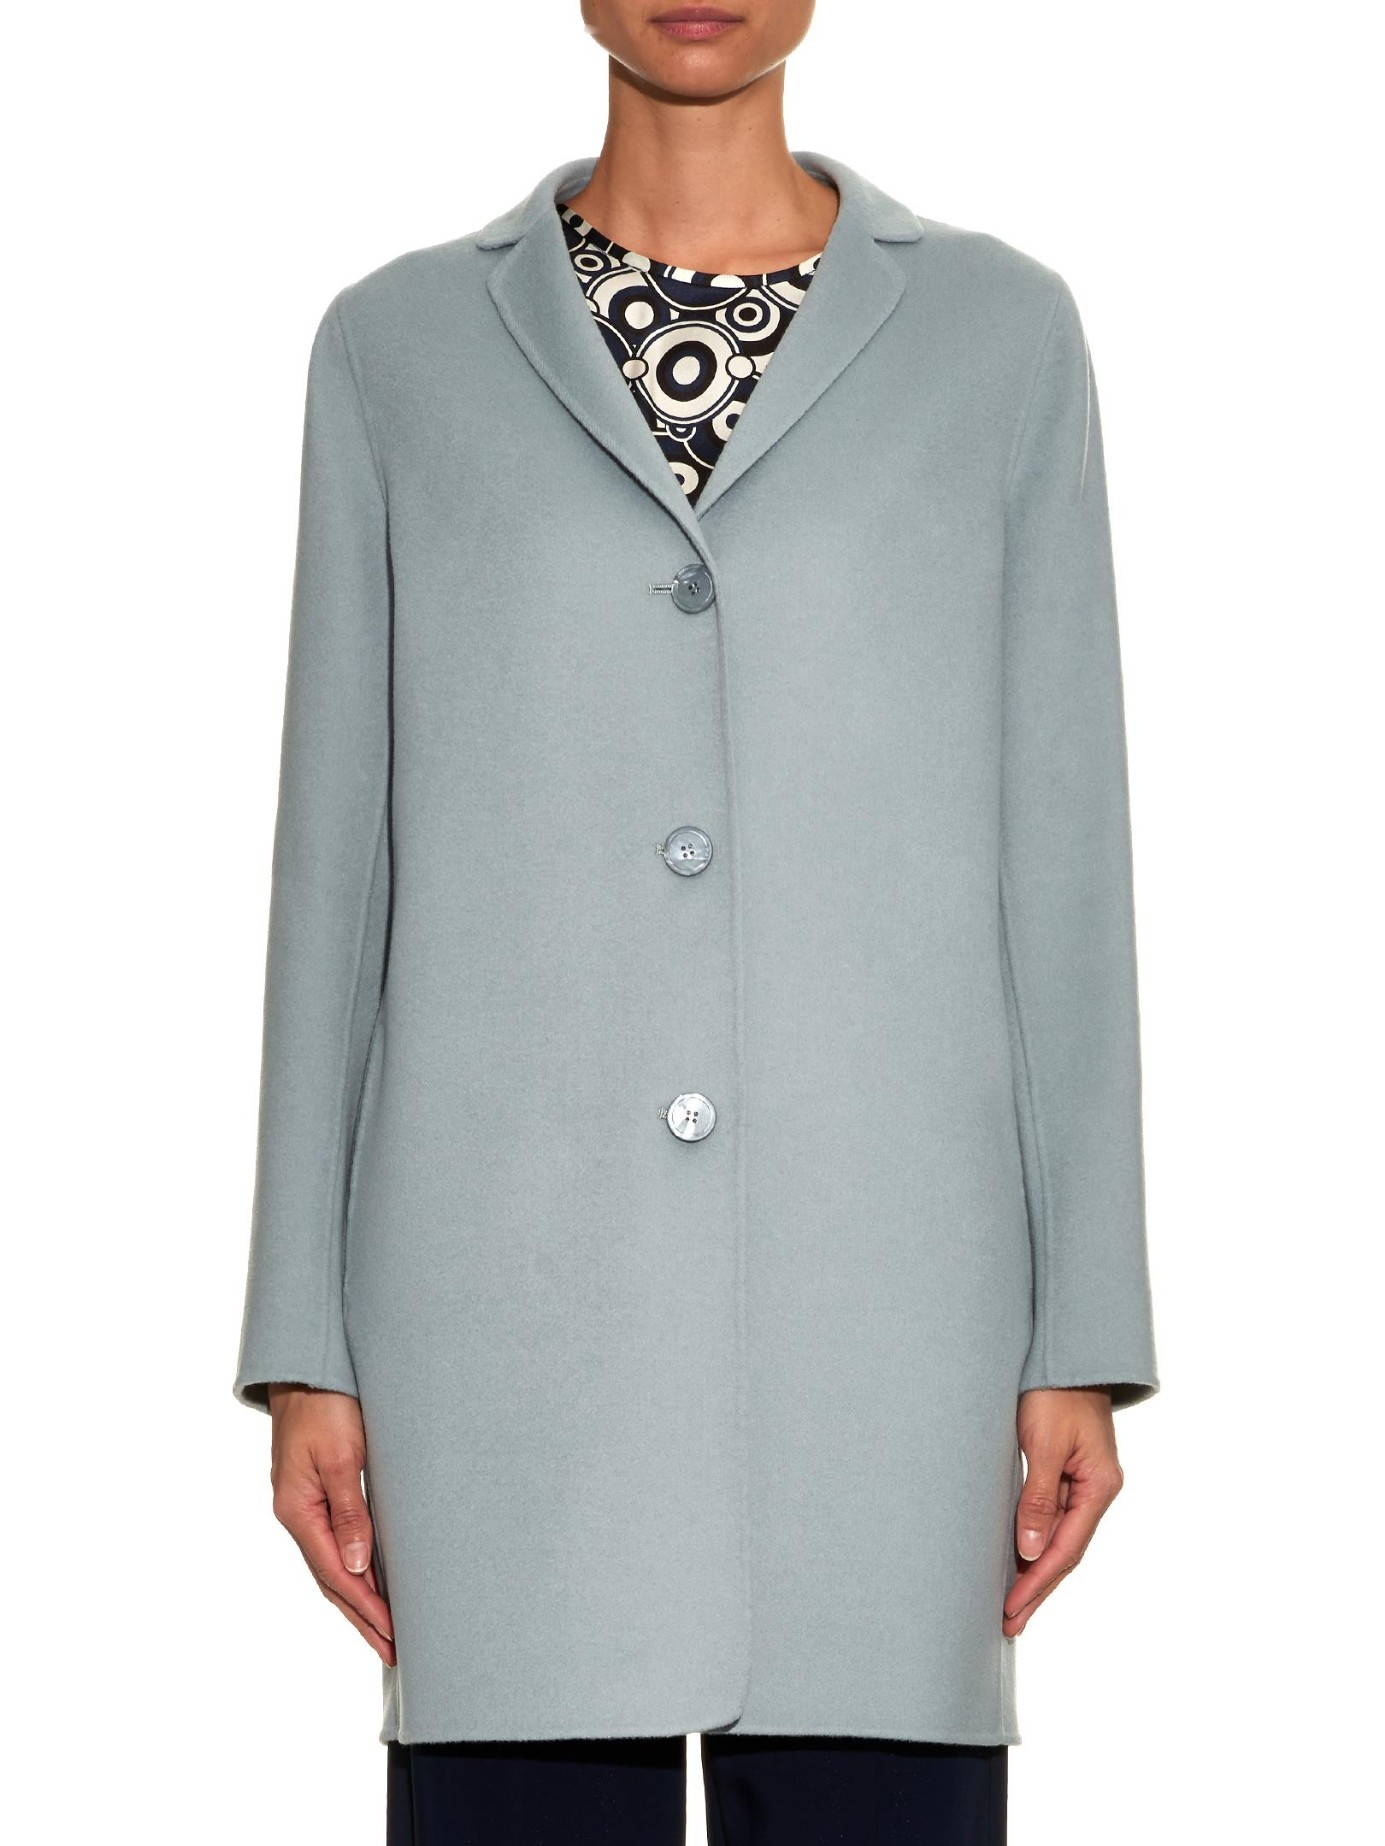 S Max Mara Diritto Coat In Blue Lyst